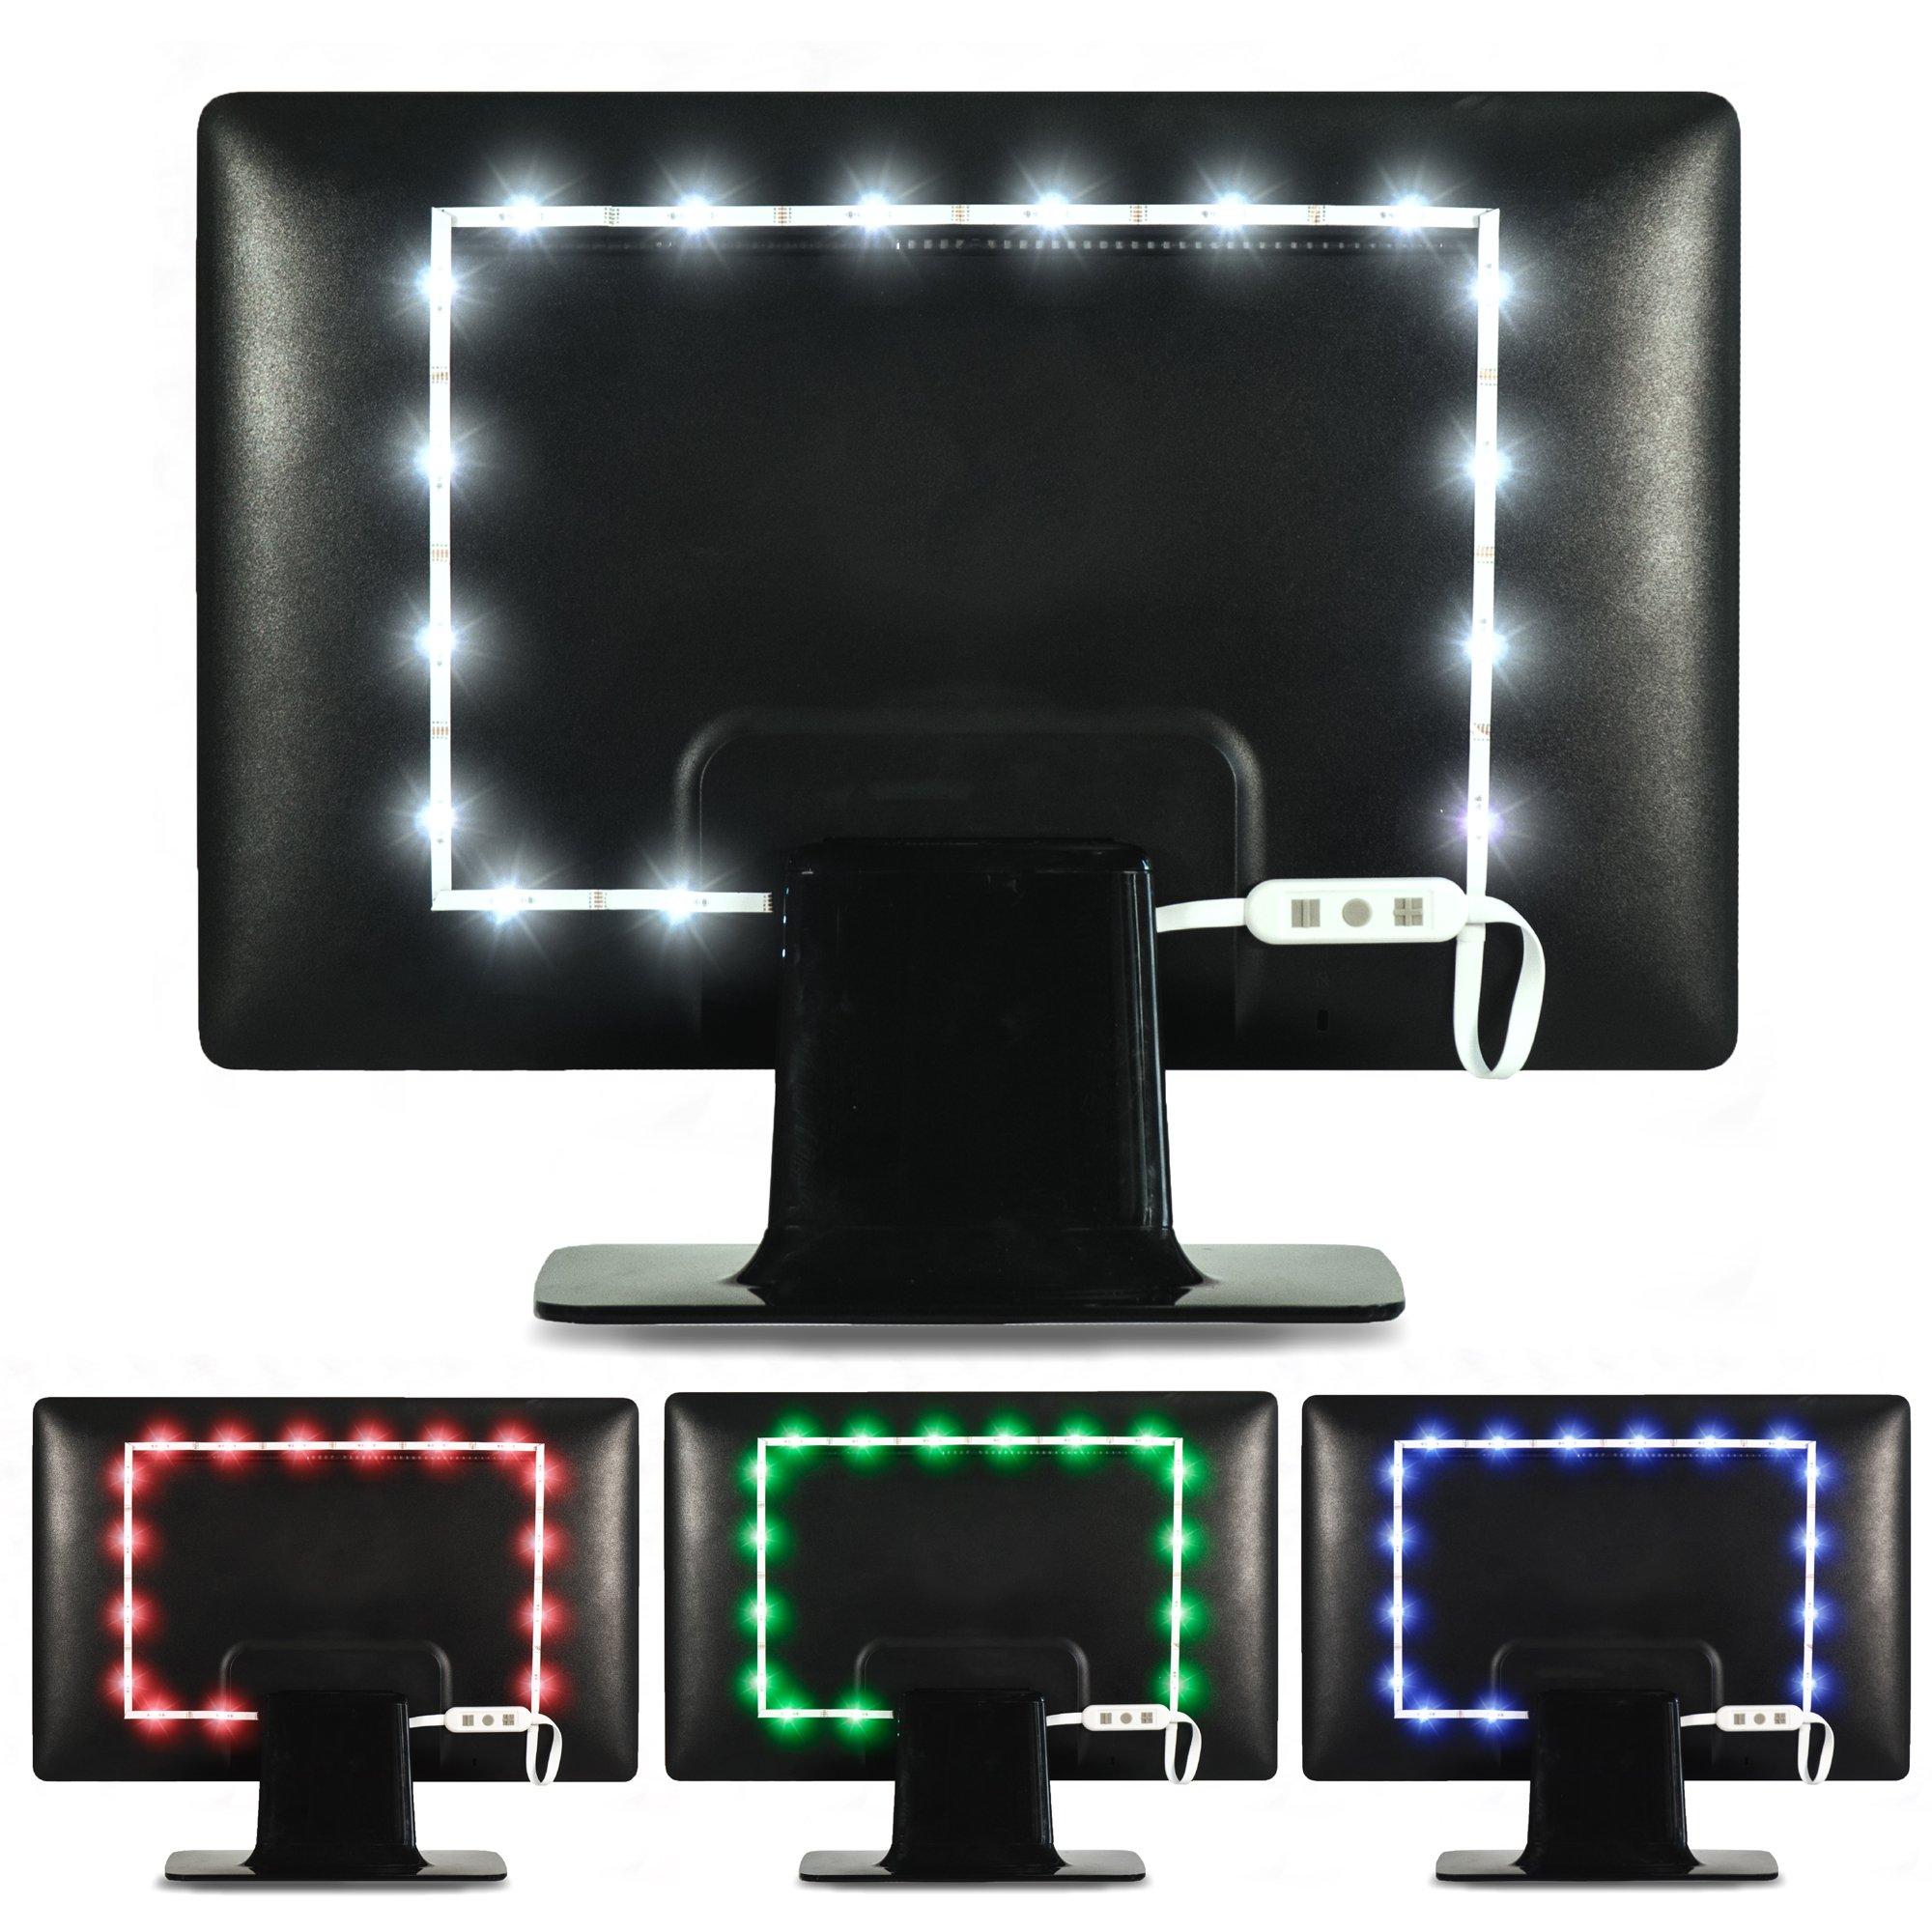 Luz de Fondo en Color Luminoodle para TV -Mando a Distancia & Controlador Incorporado: Amazon.es: Electrónica